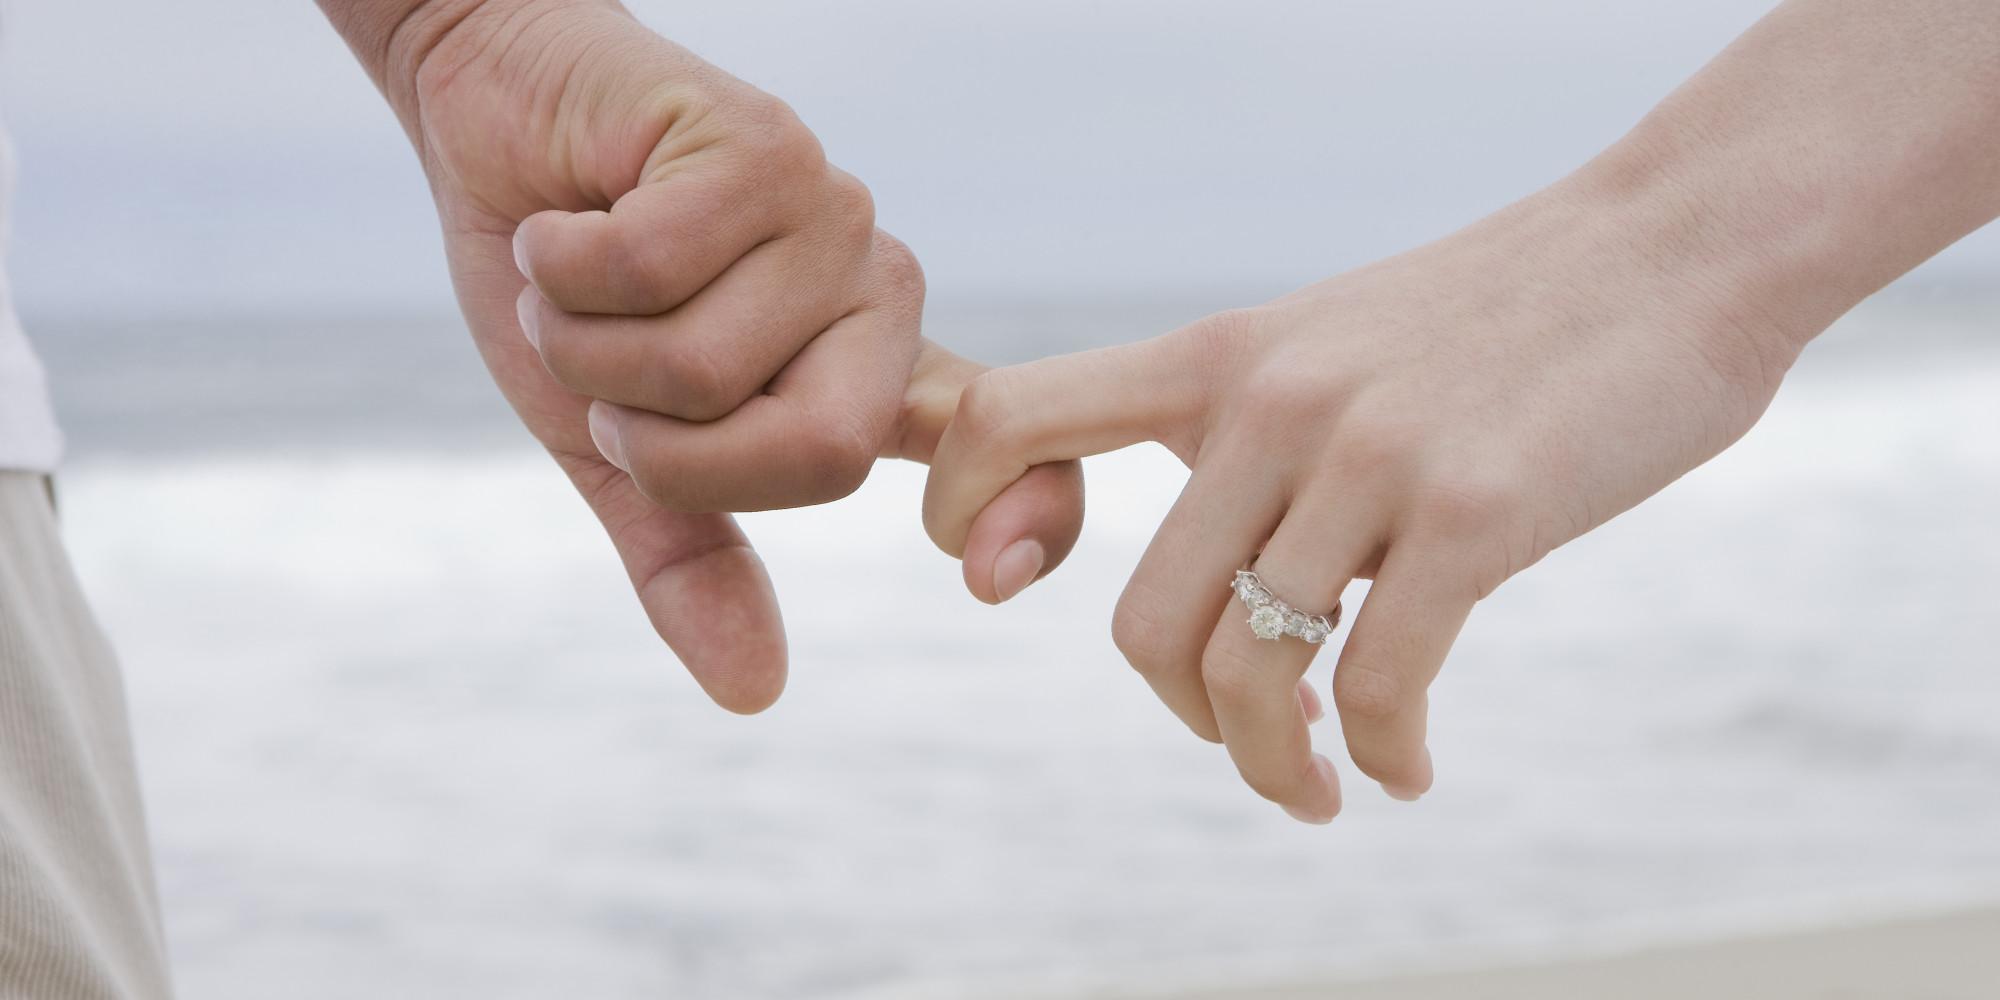 7 dating deal breakers Randers